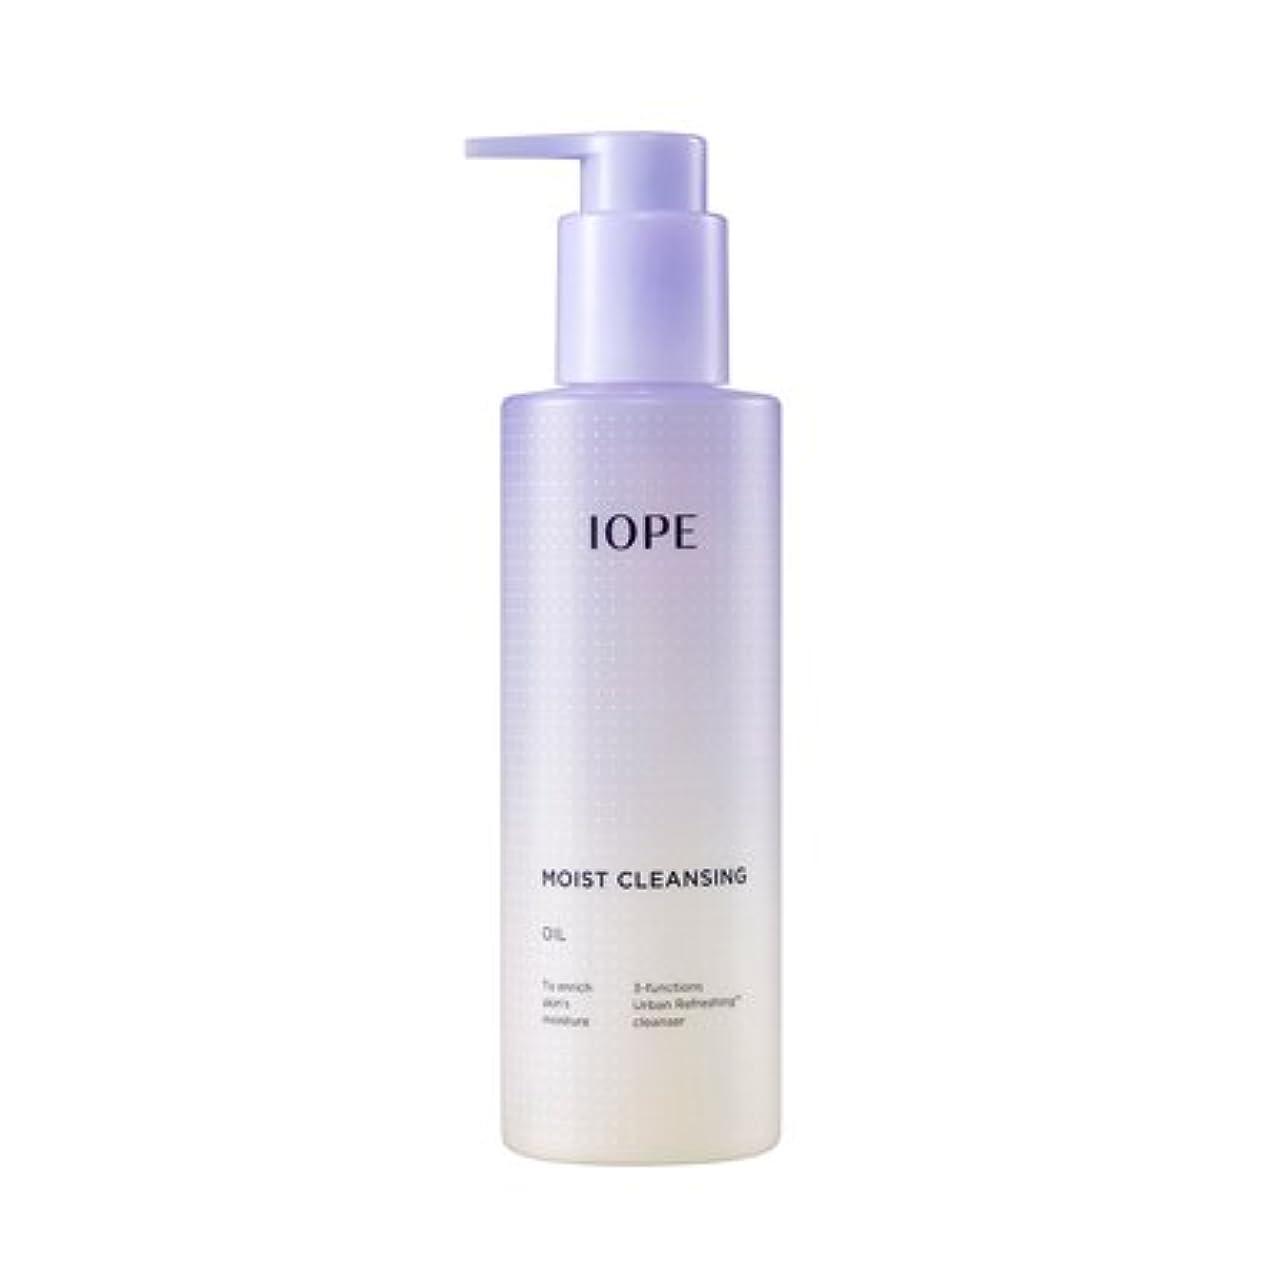 音やさしく経験IOPE Moist Cleansing Oil/アイオペ モイストクレンジングオイル 200ml [並行輸入品]